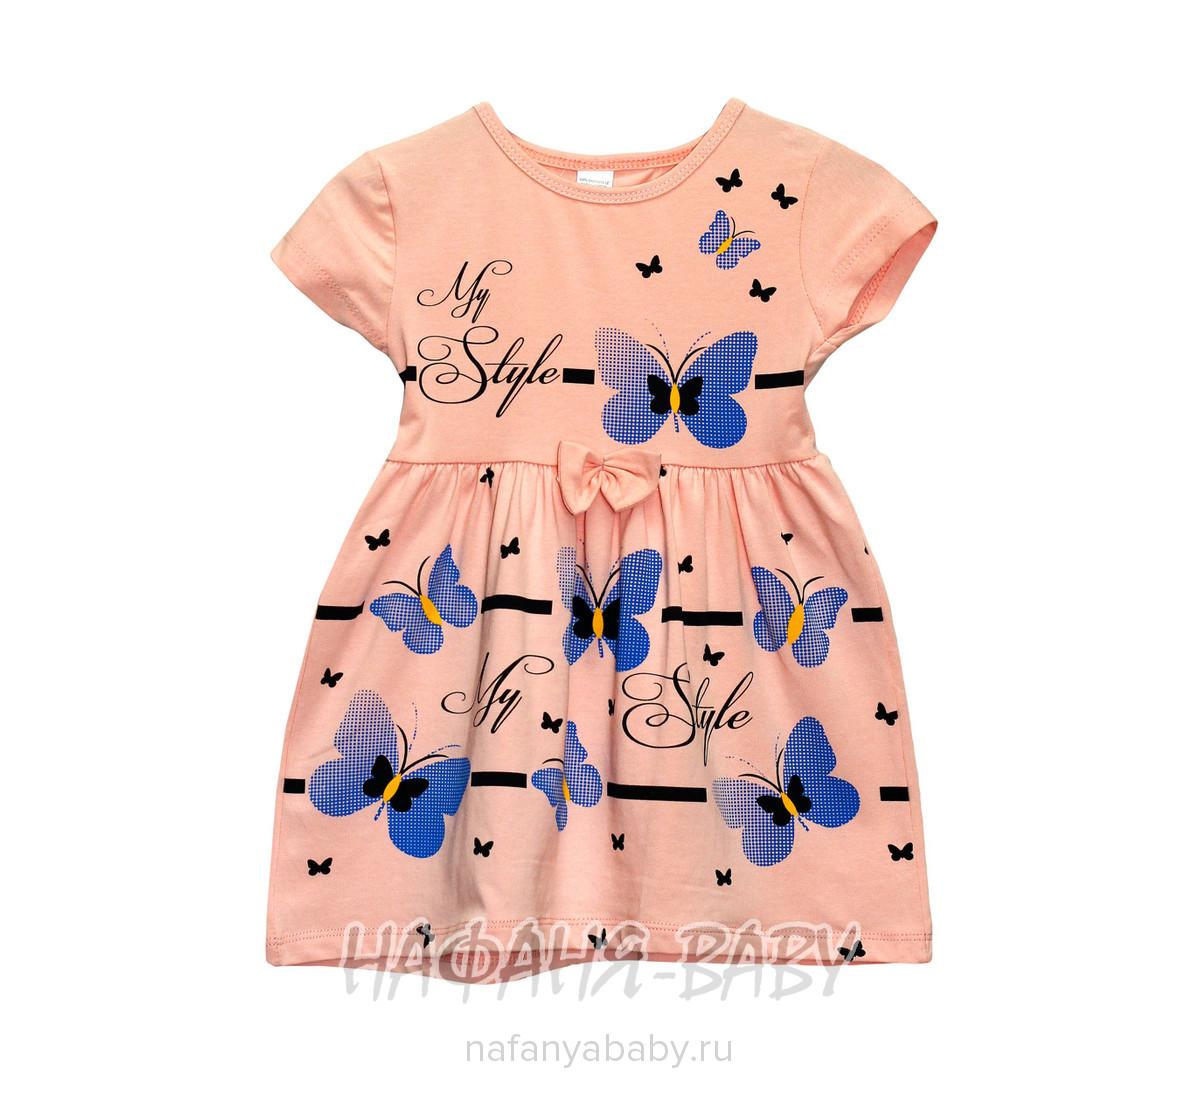 Детское платье, артикул 1380 Chields Smile арт: 1380, цвет розовый, оптом Турция